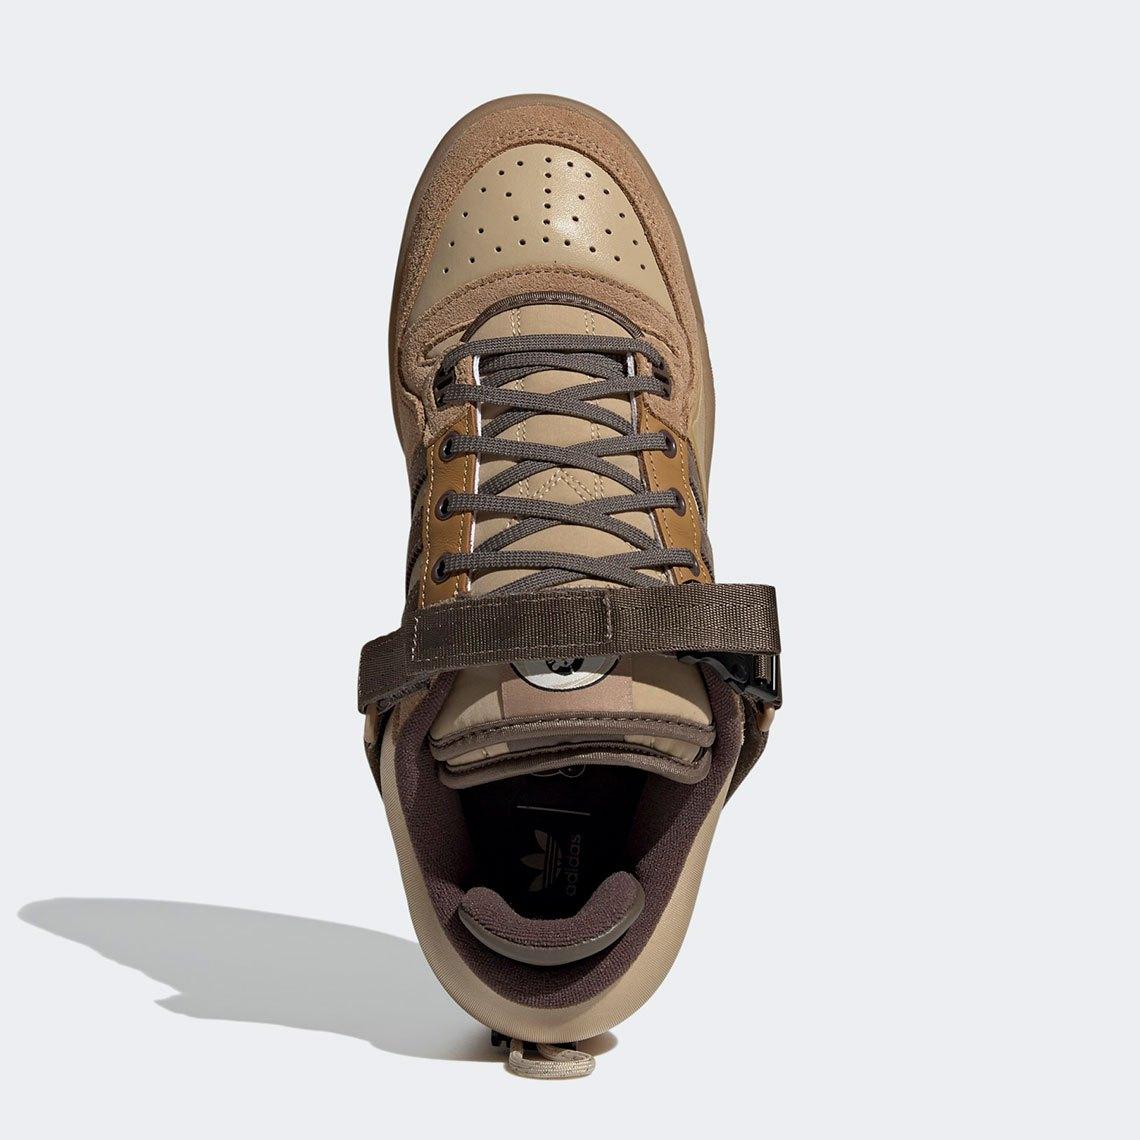 Bad-Bunny-adidas-Forum-Buckle-Lo-GW0264-3